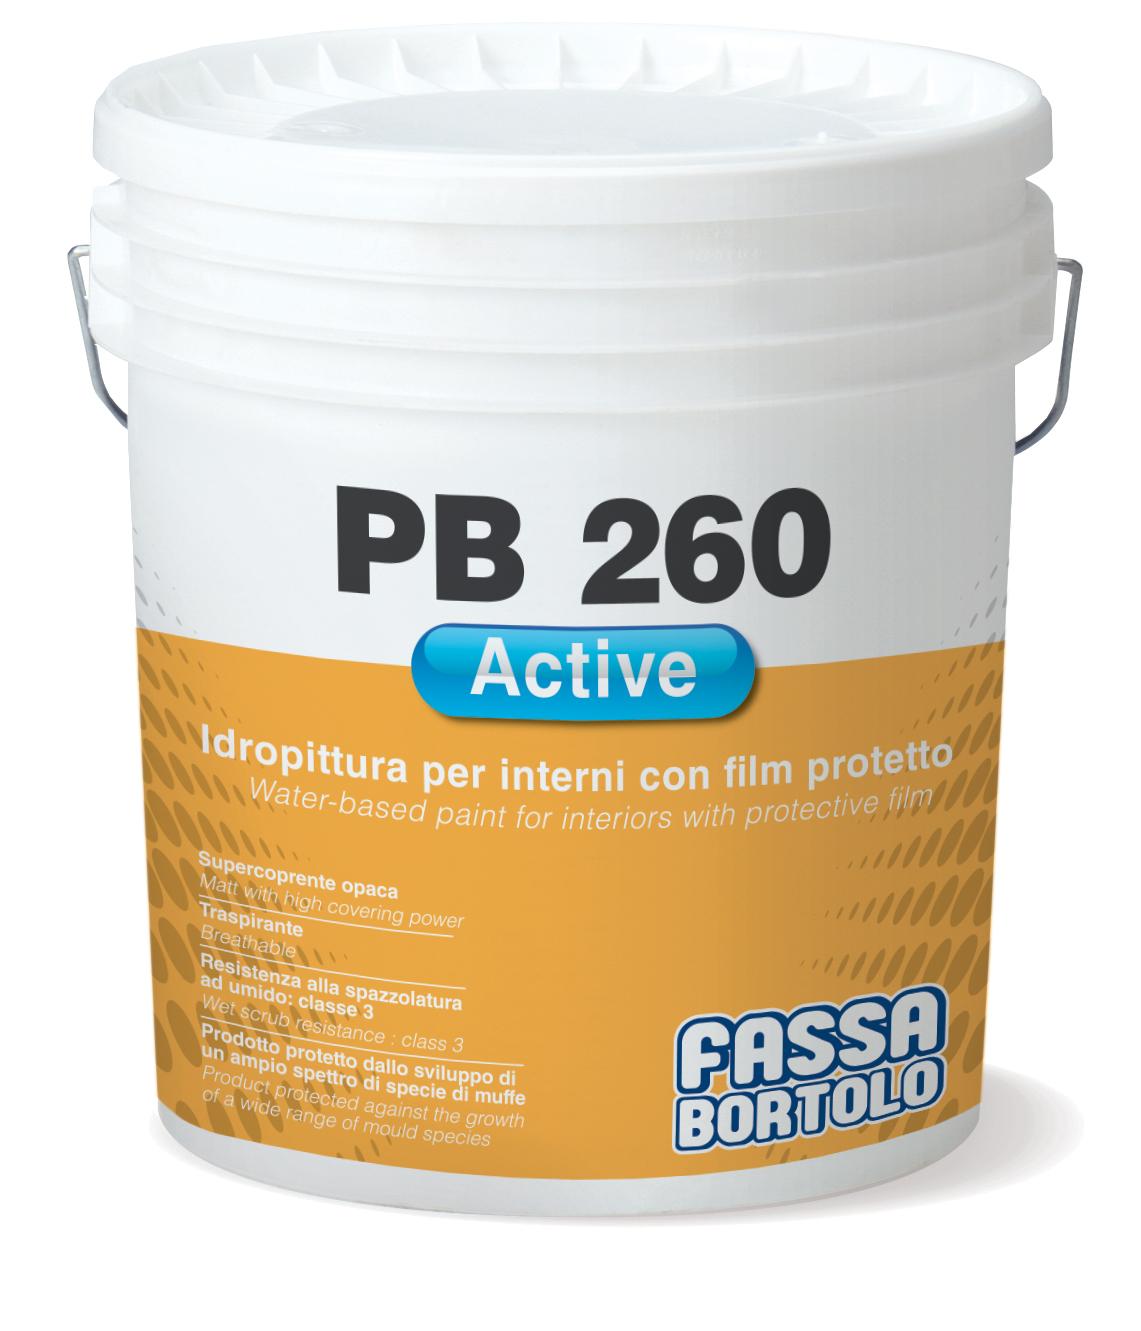 PB 260 ACTIVE